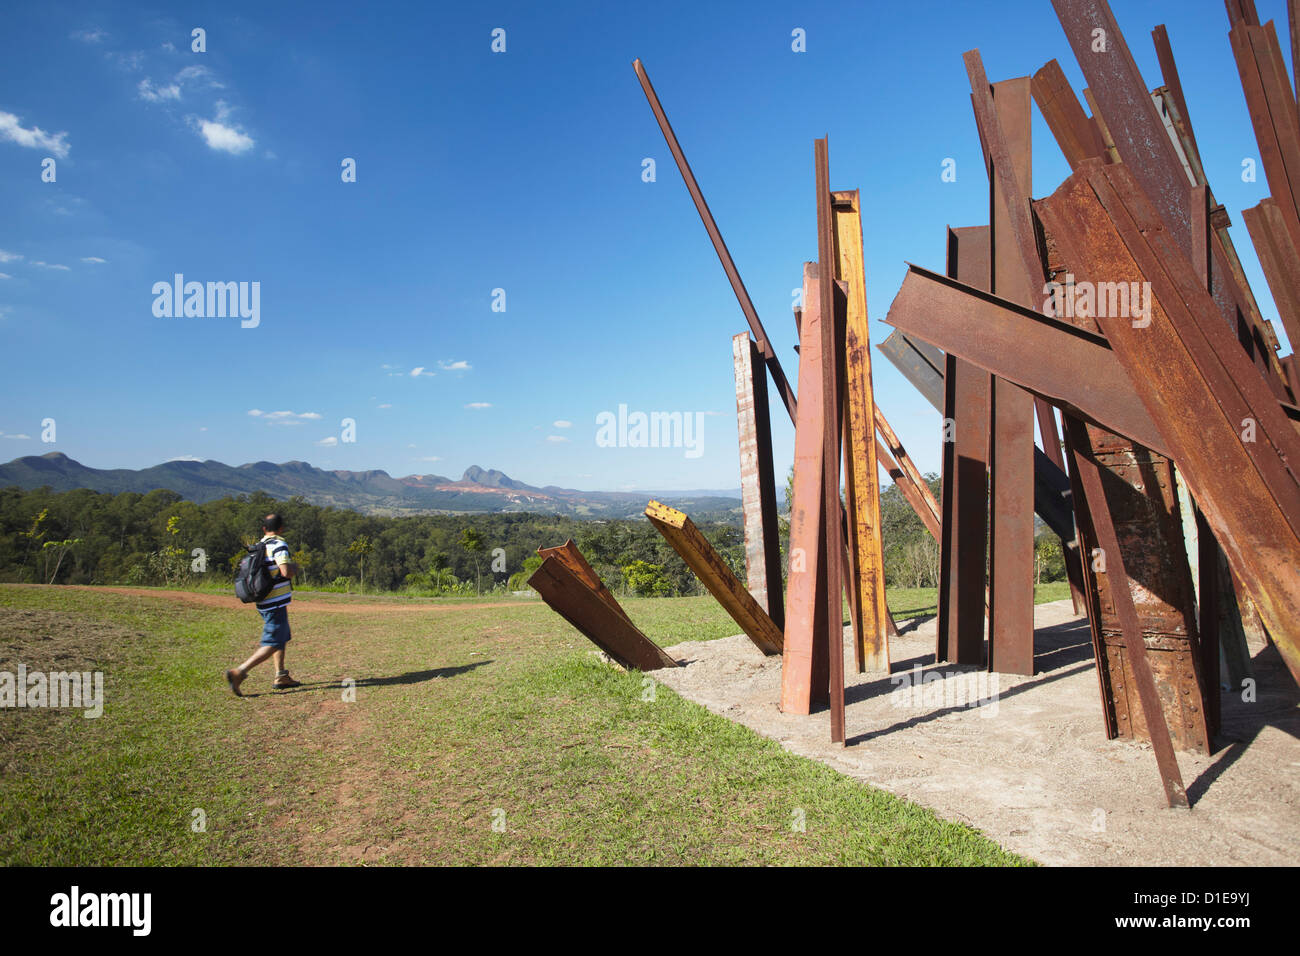 Modern art by Chris Burden at Centro de Arte Contemporanea Inhotim, Brumadinho, Belo Horizonte, Minas Gerais, Brazil - Stock Image